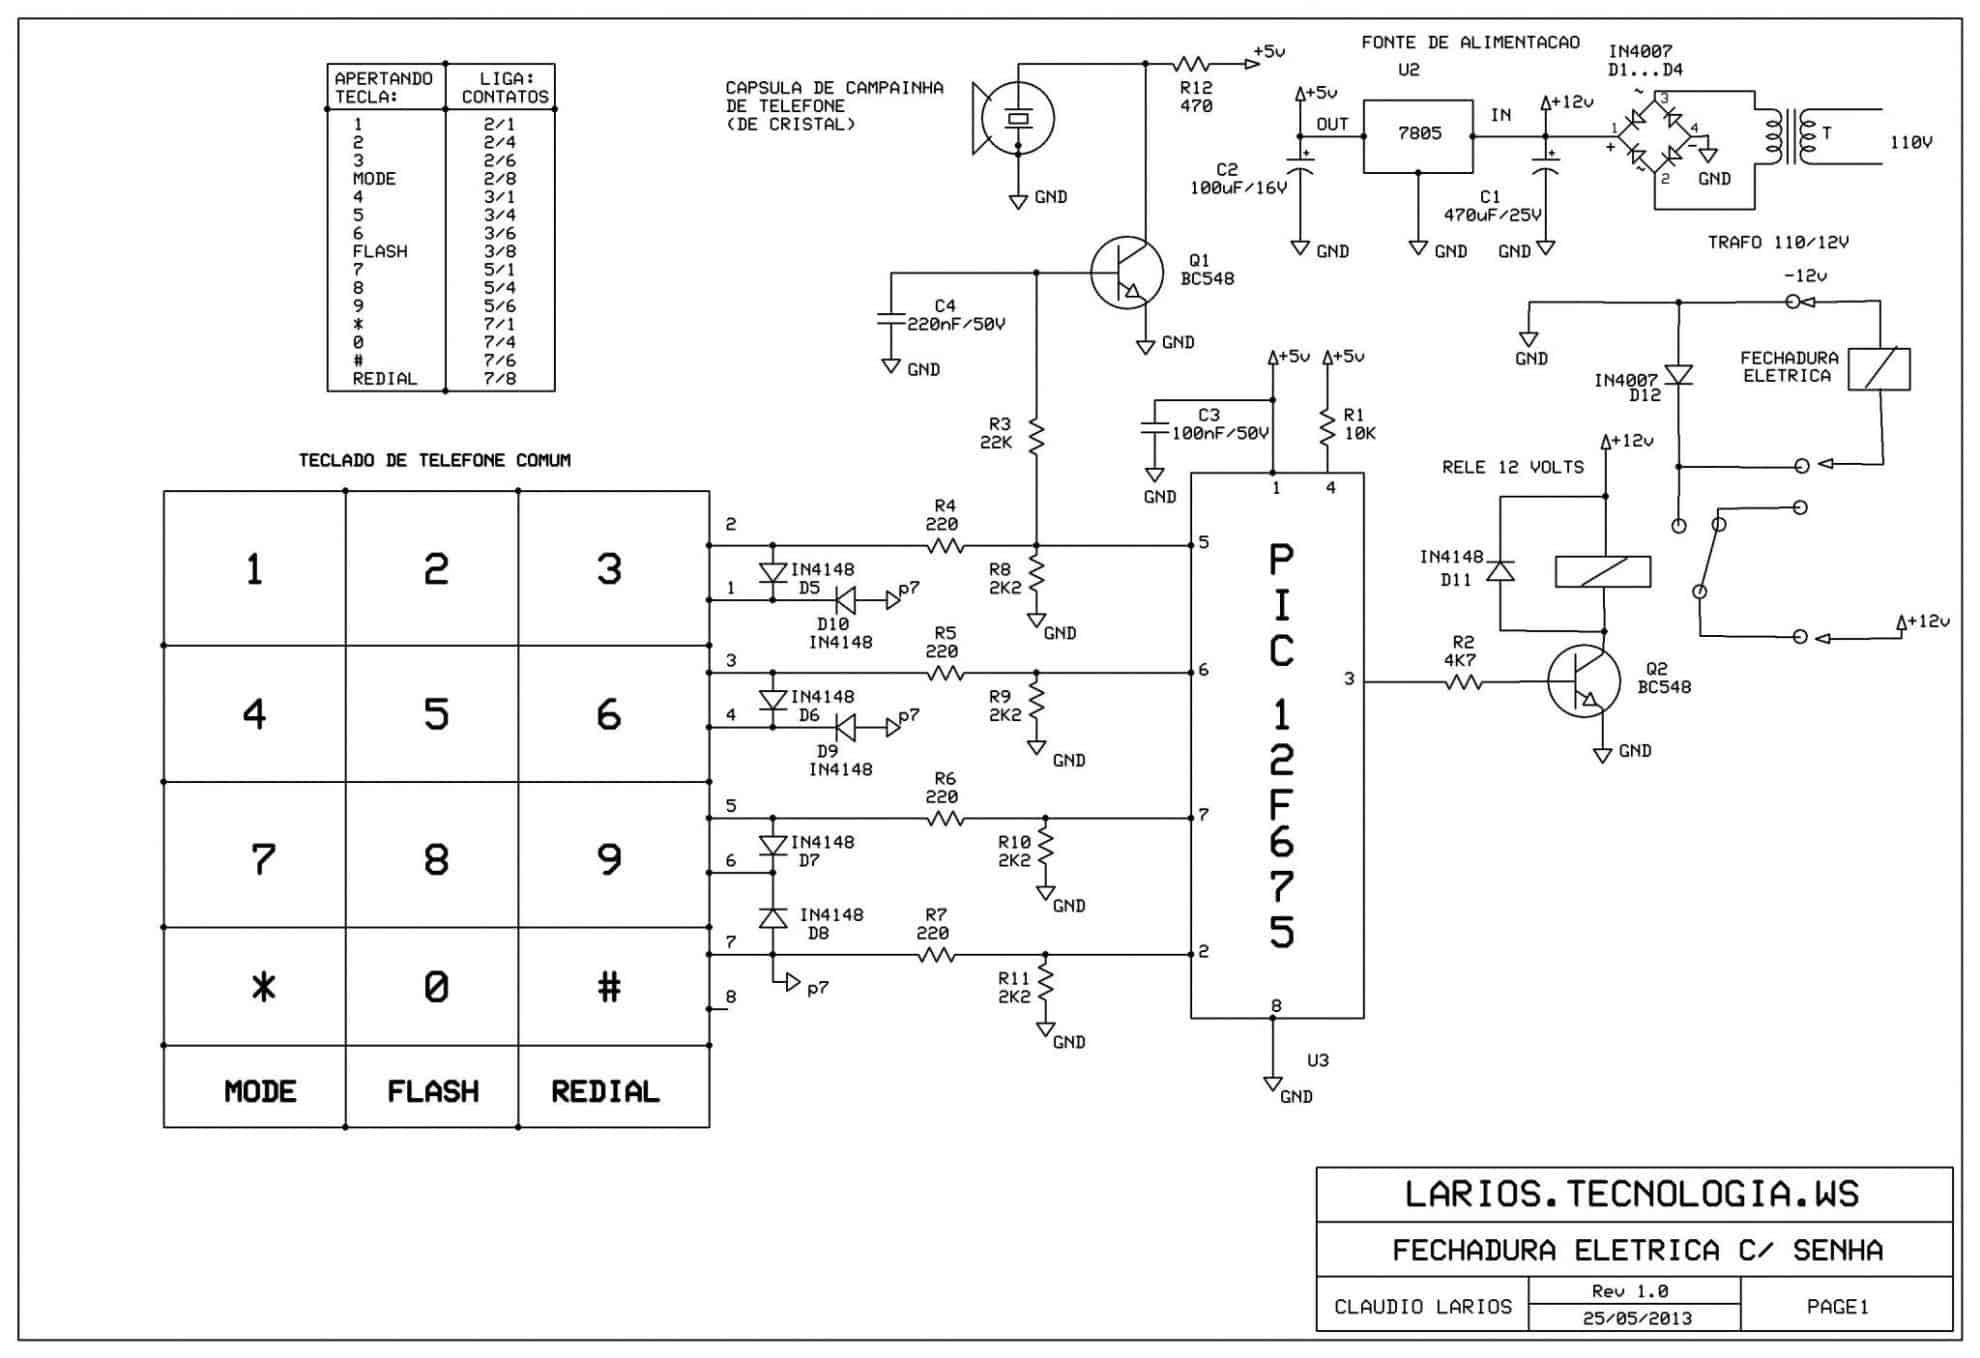 Circuito simples de senha com pic e sem display  SENHA_FECHADURA